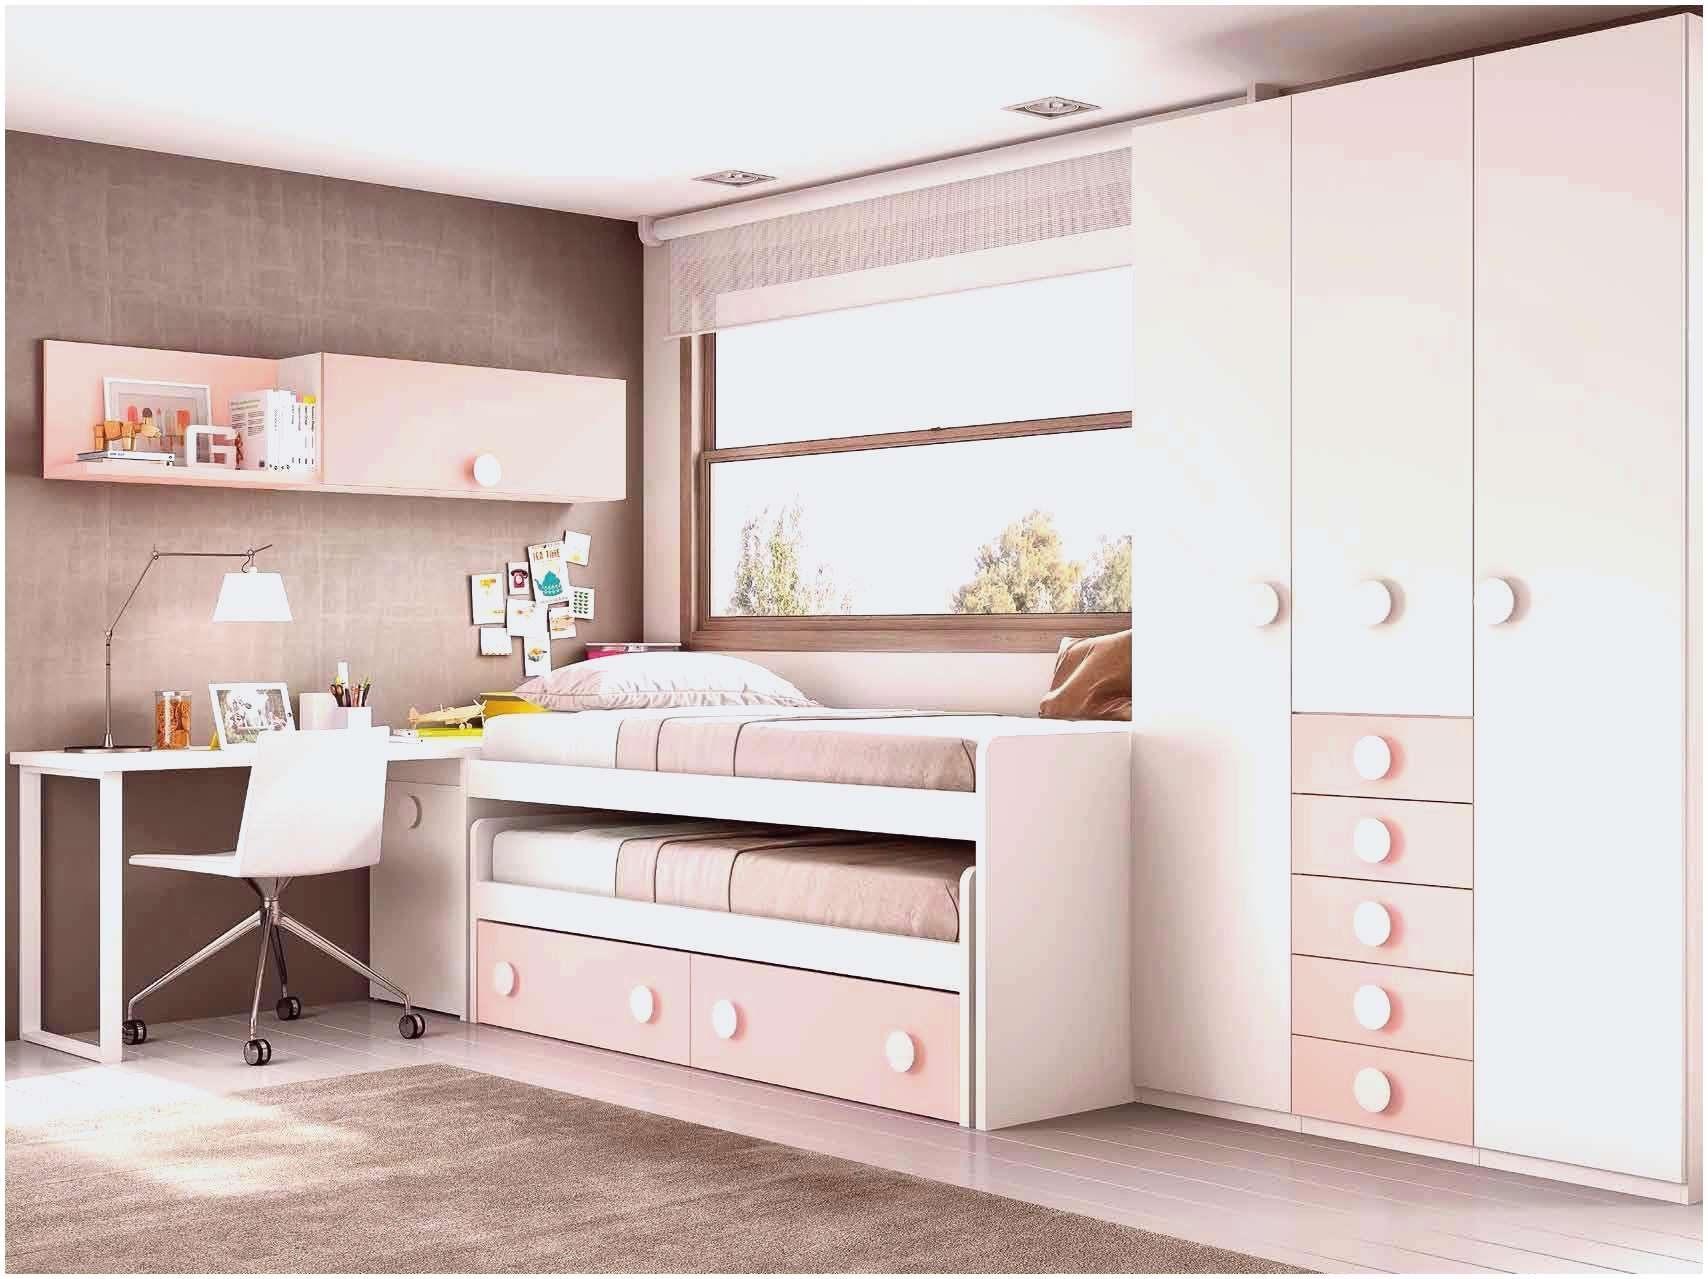 Luxe Lit Ado Design Pouf Chambre Ado Frais Pouf Design Pas Cher